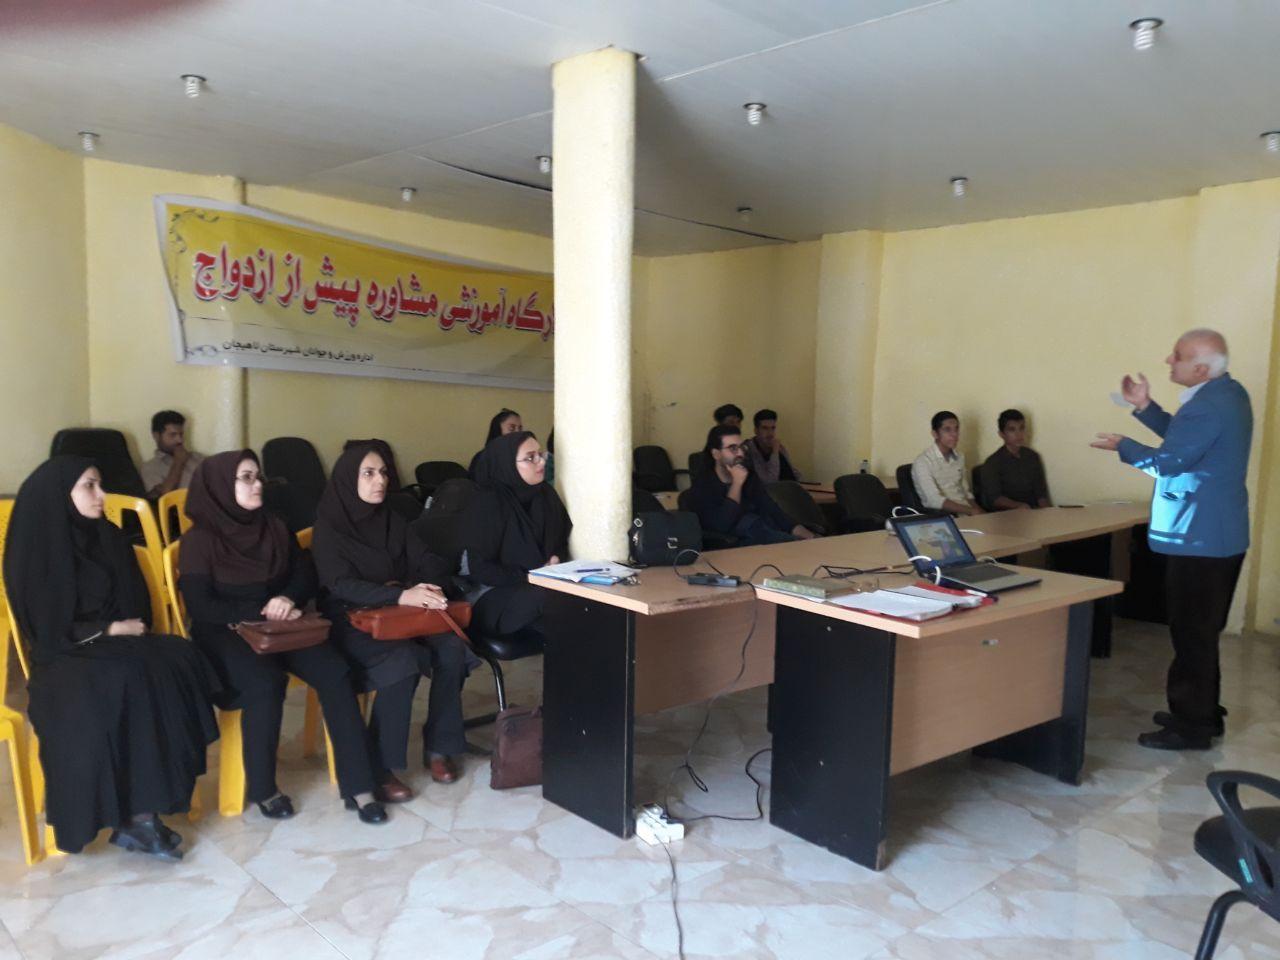 نخستین کارگاه مشاوره پیش از ازدواج در لاهیجان برگزار شد